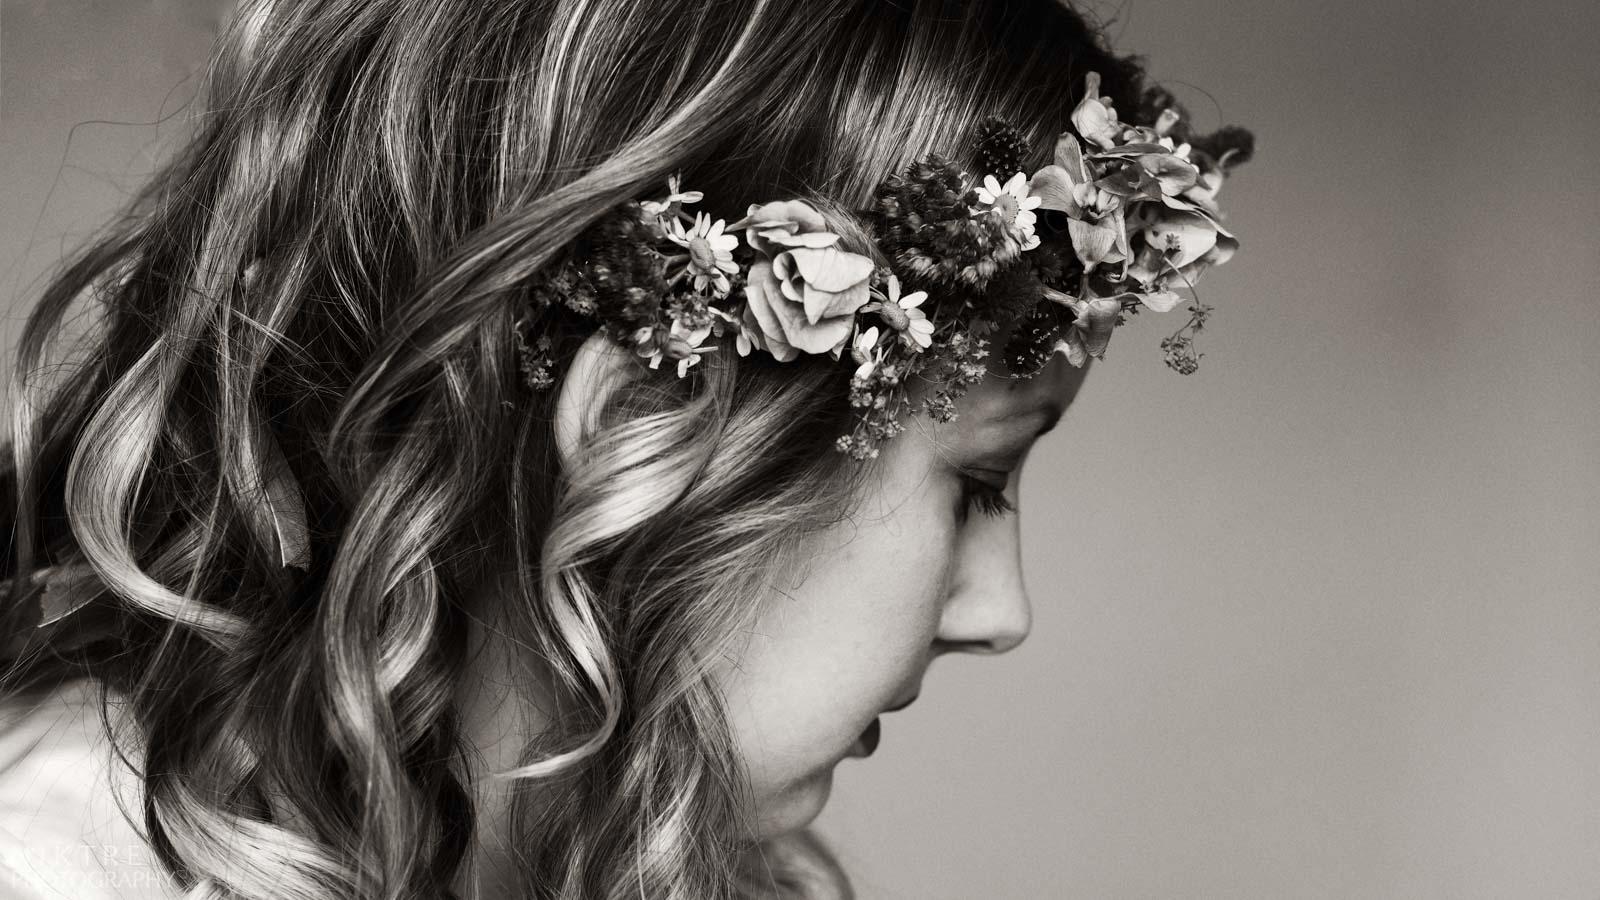 Hochzeitsfotograf Deutschland macht Foto von dem Blumenkranz der Braut